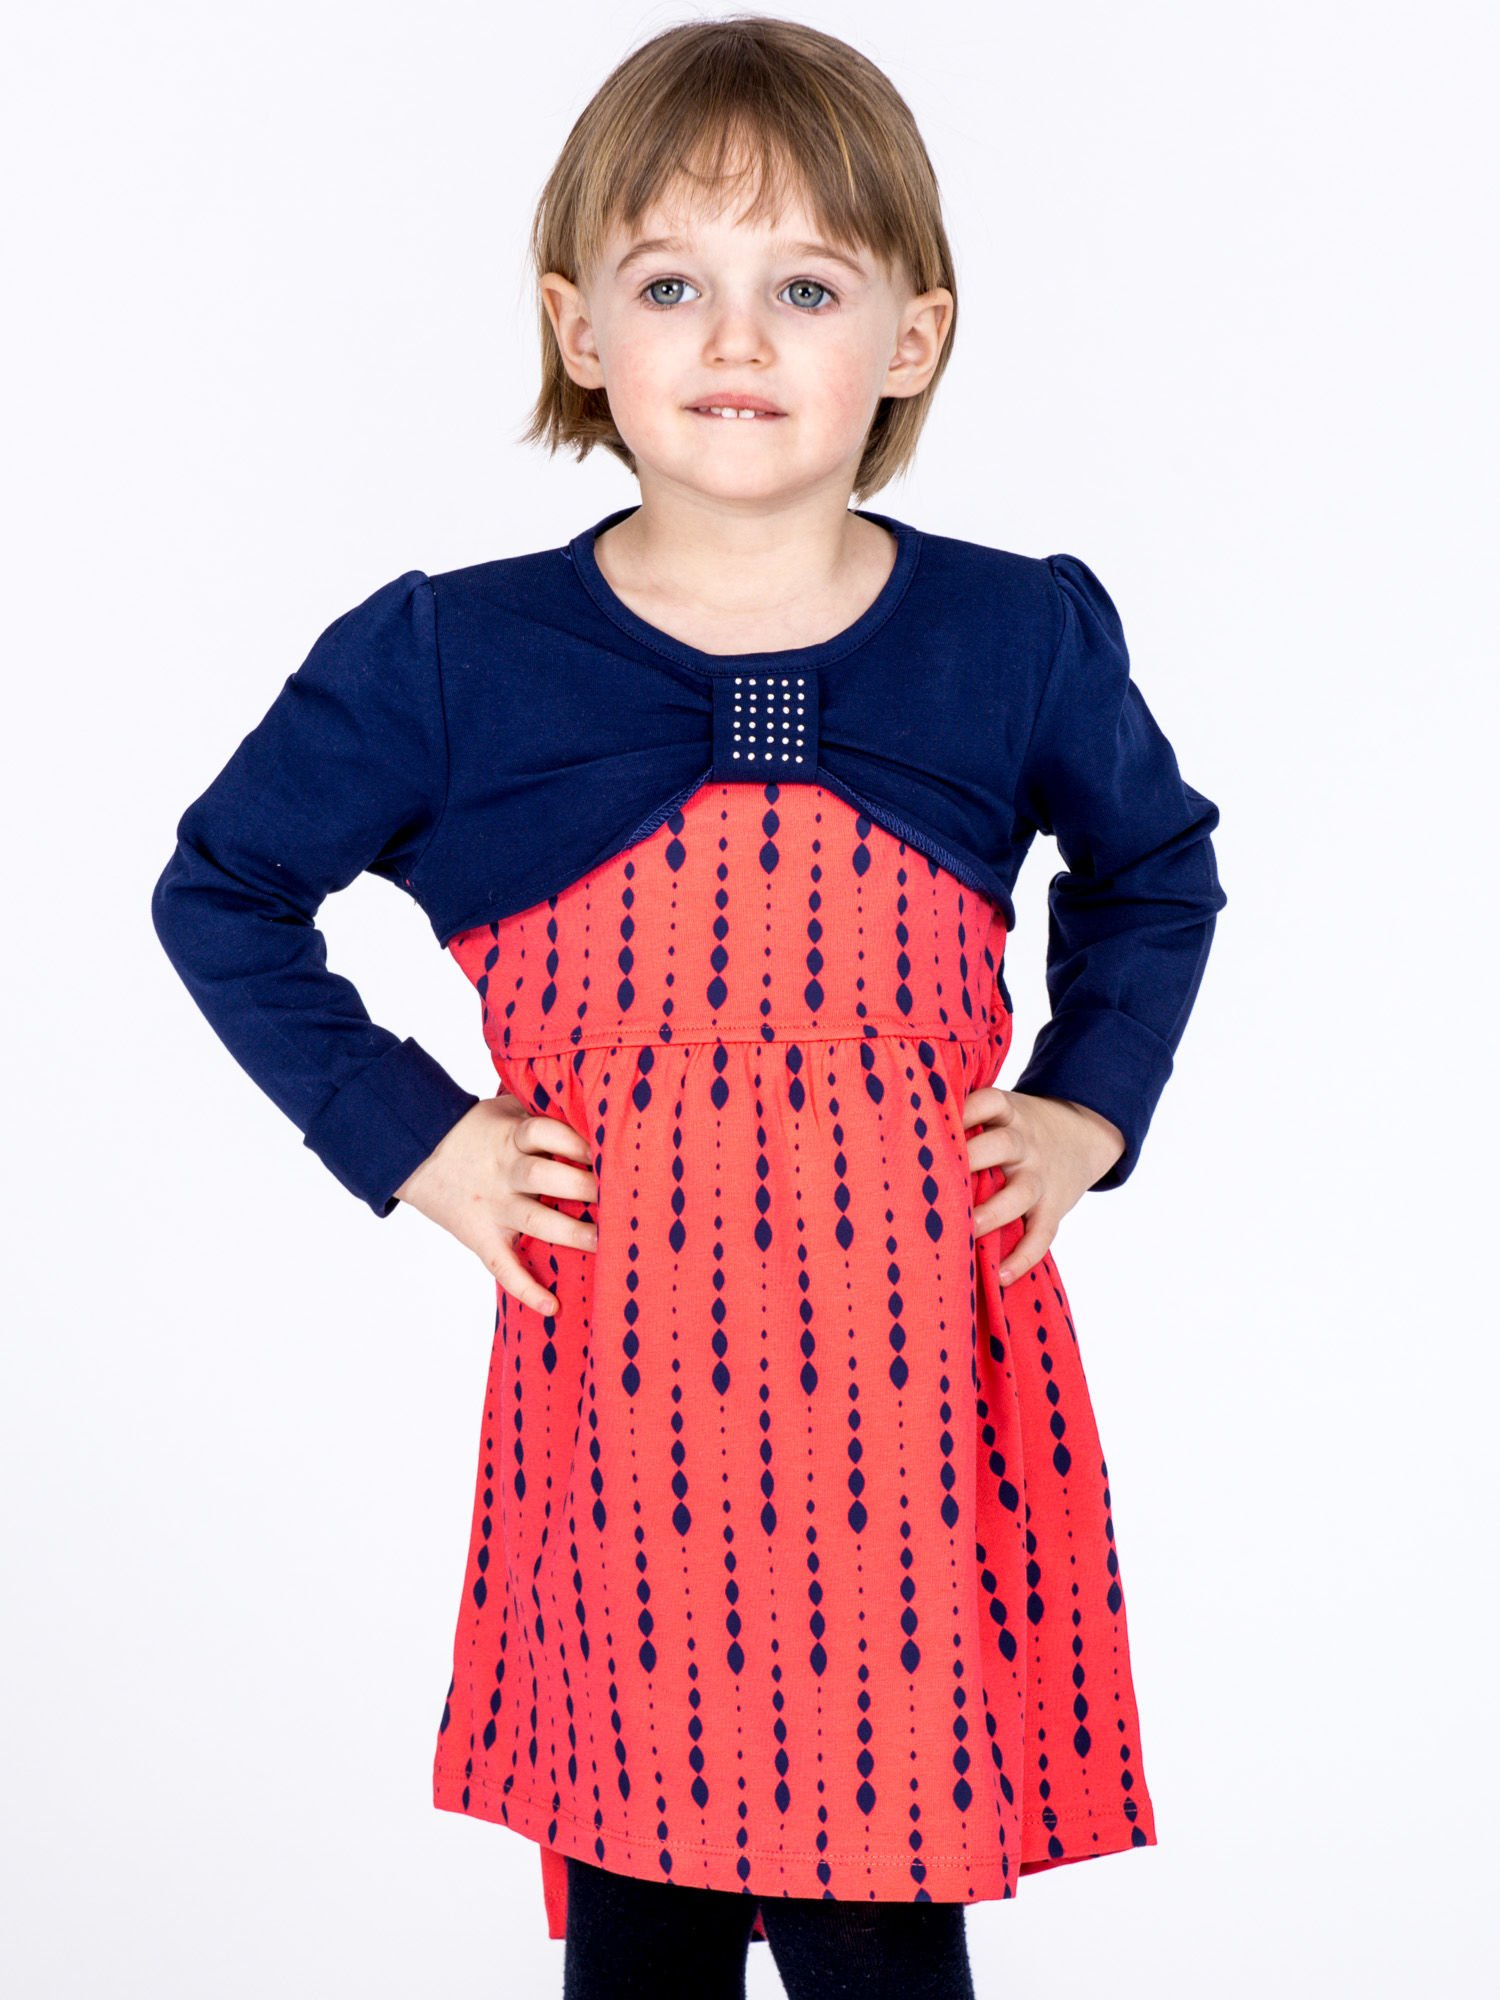 Bavlnené detské šaty s potlačou a dlhými rukávmi, koralové 110